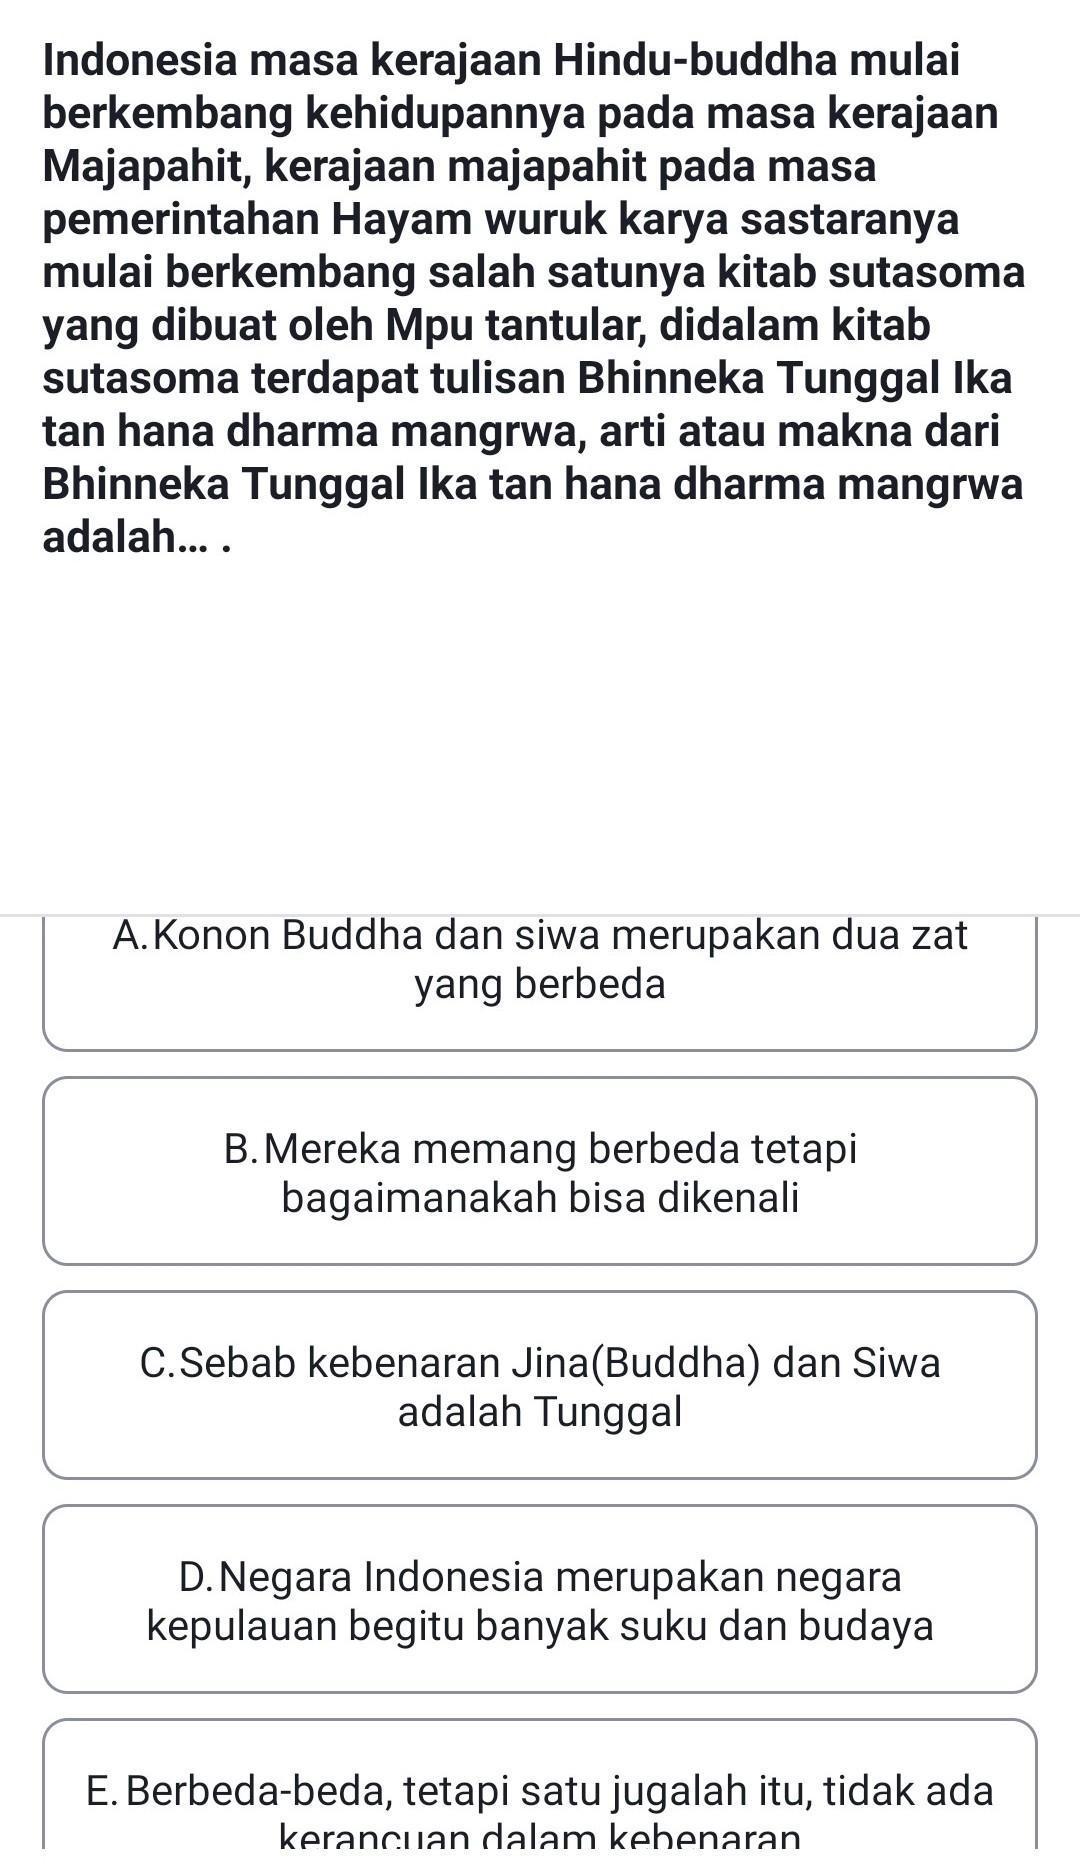 Arti Bhinneka Tunggal Ika Tan Hana Dharma Mangrwa : bhinneka, tunggal, dharma, mangrwa, Tolong, Bantu, Jawaban, Sangat, Membutuhkan, Brainly.co.id